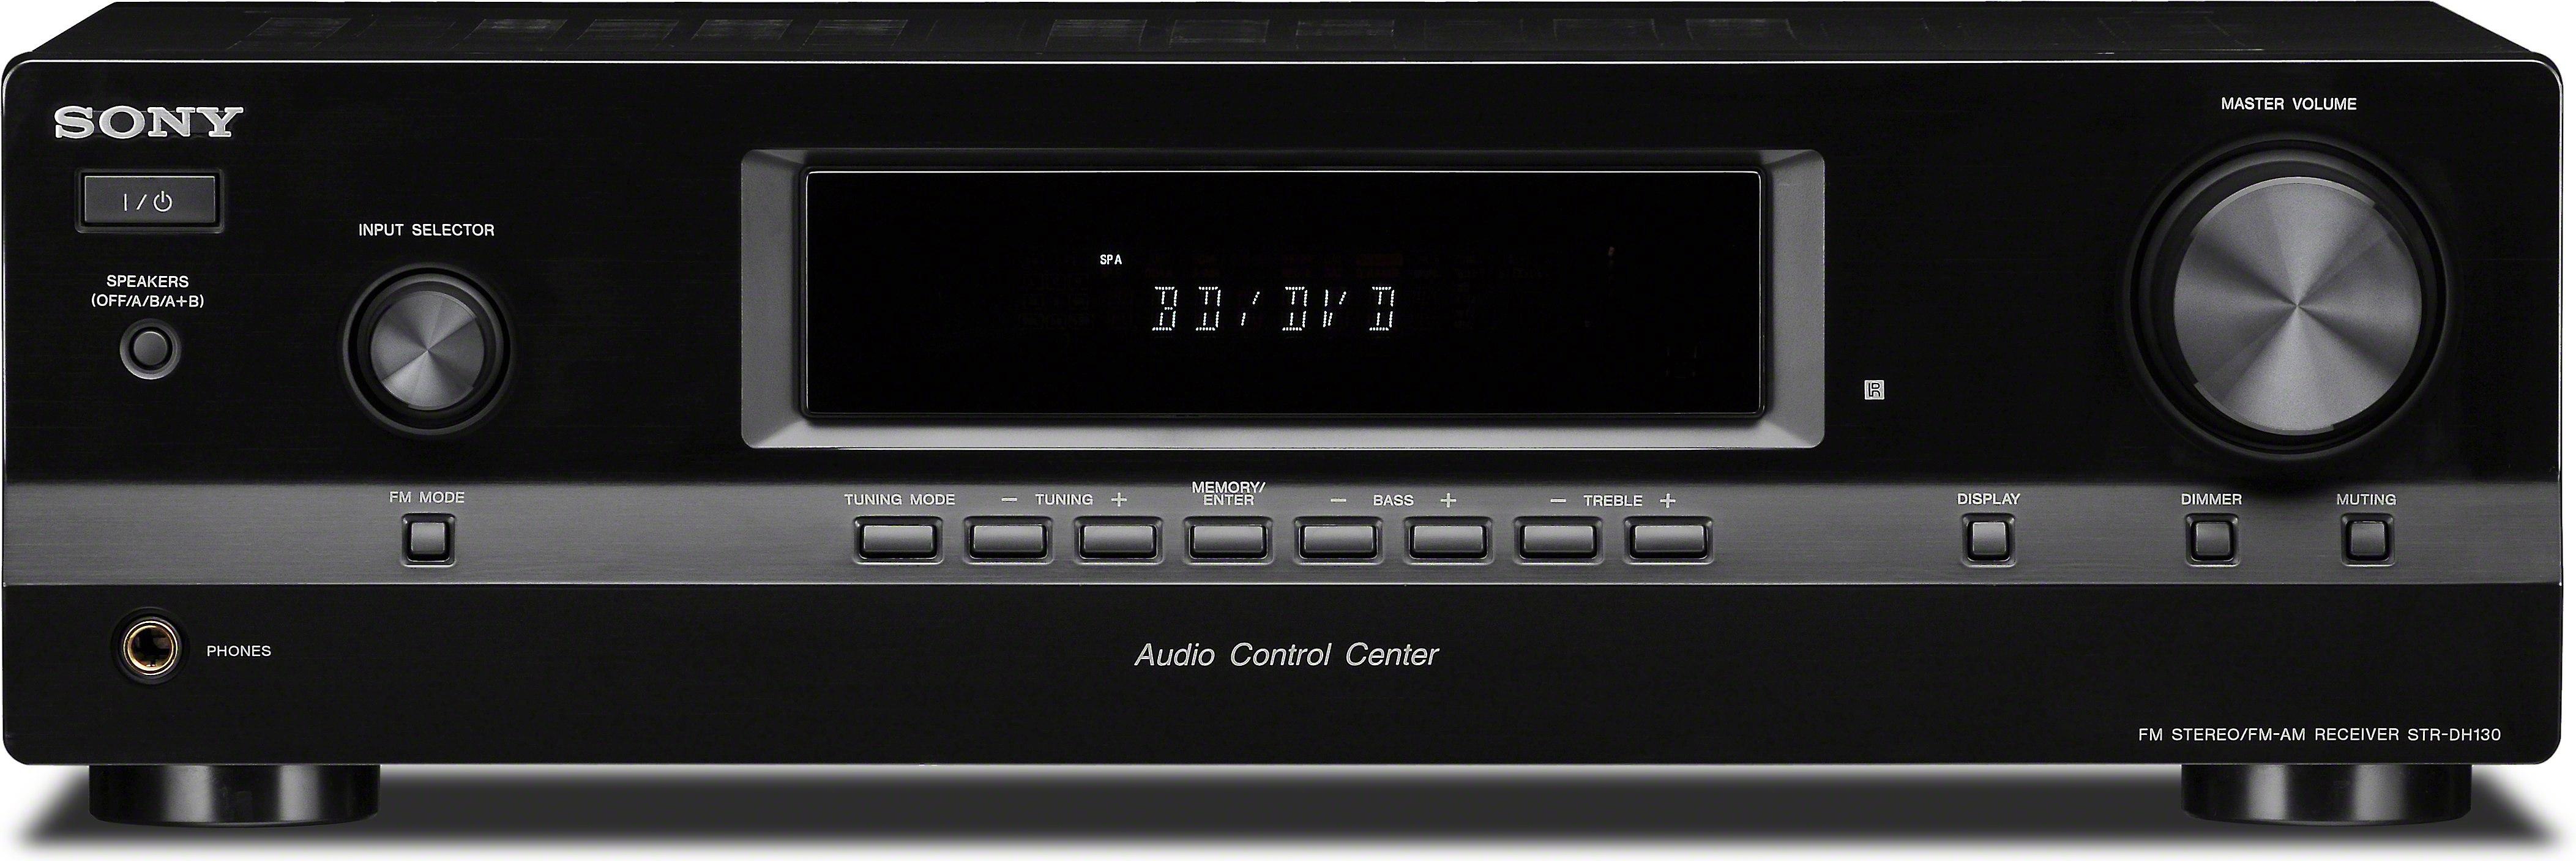 Sony STR-DH130 Stereo receiver at Crutchfield